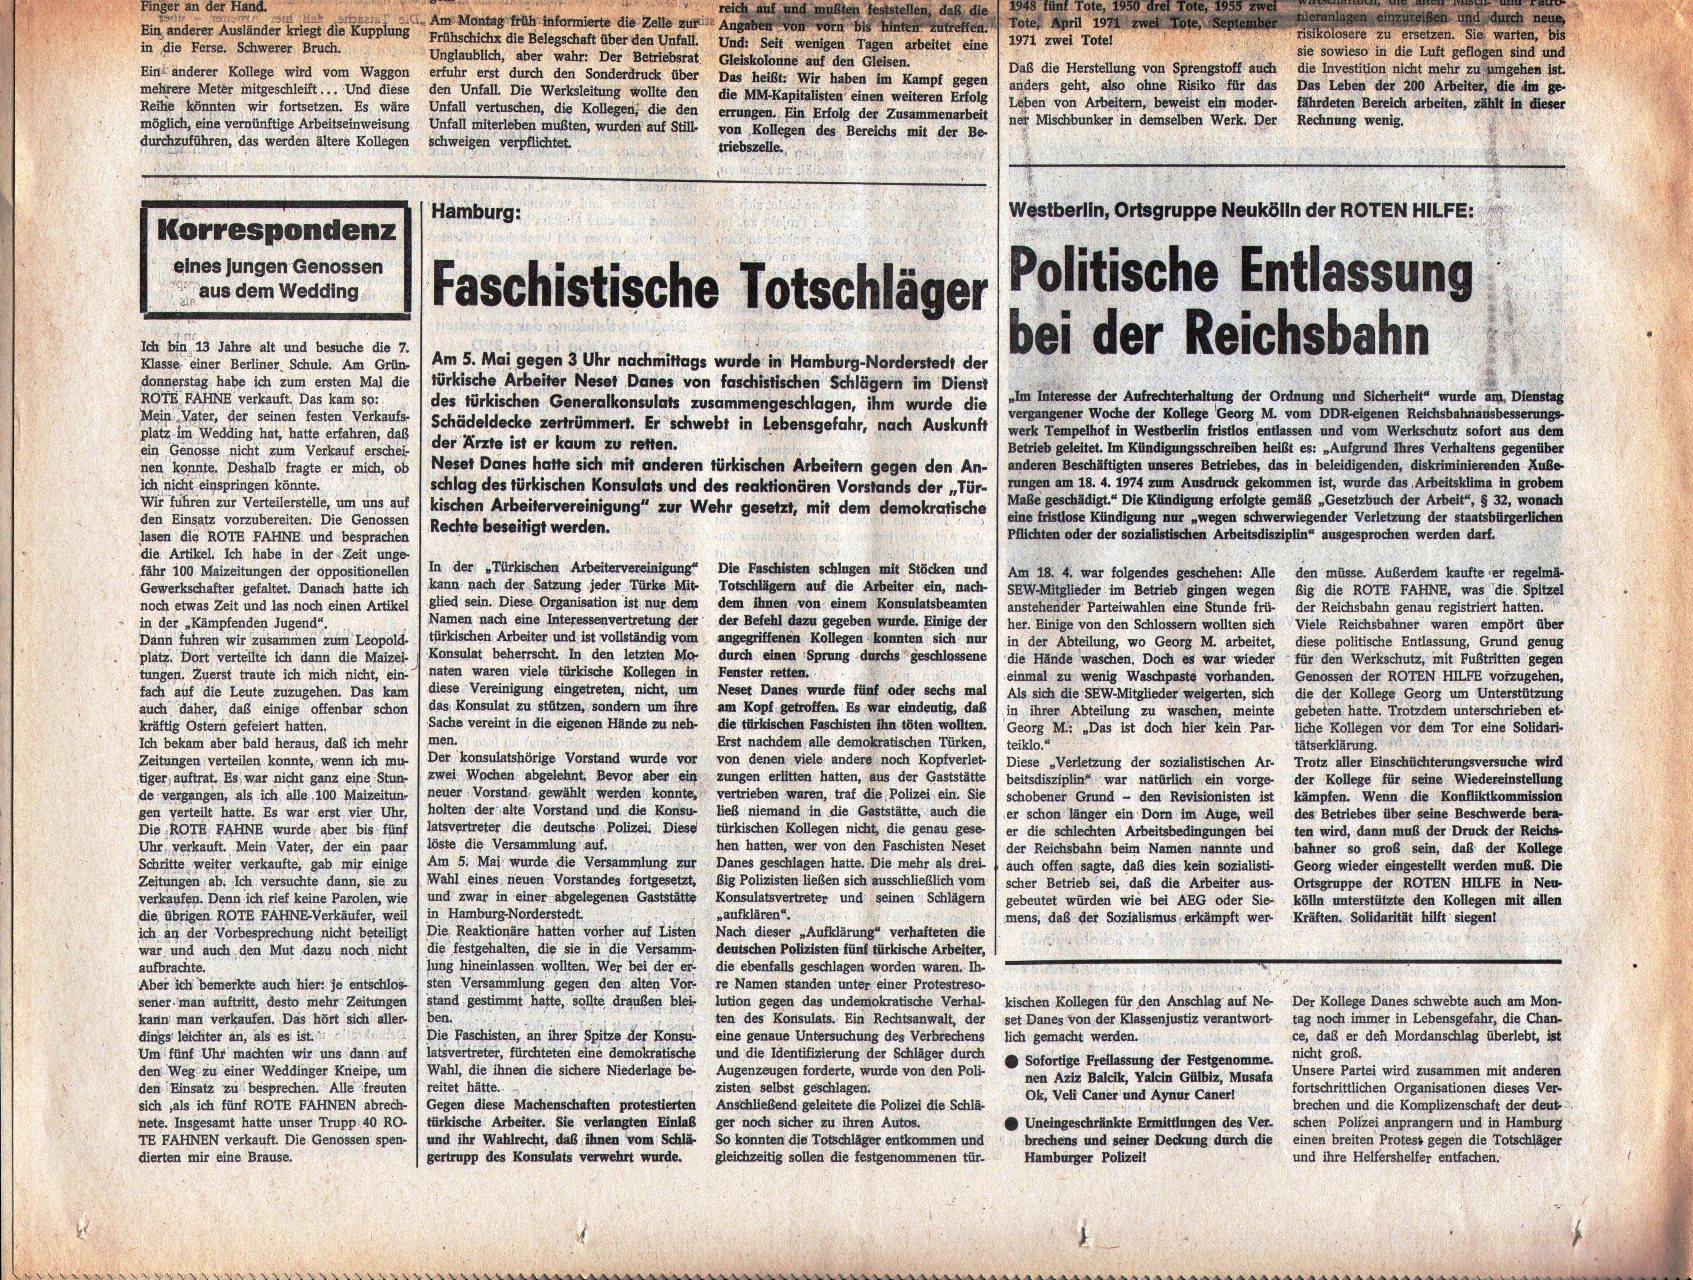 KPD_Rote_Fahne_1974_19_08